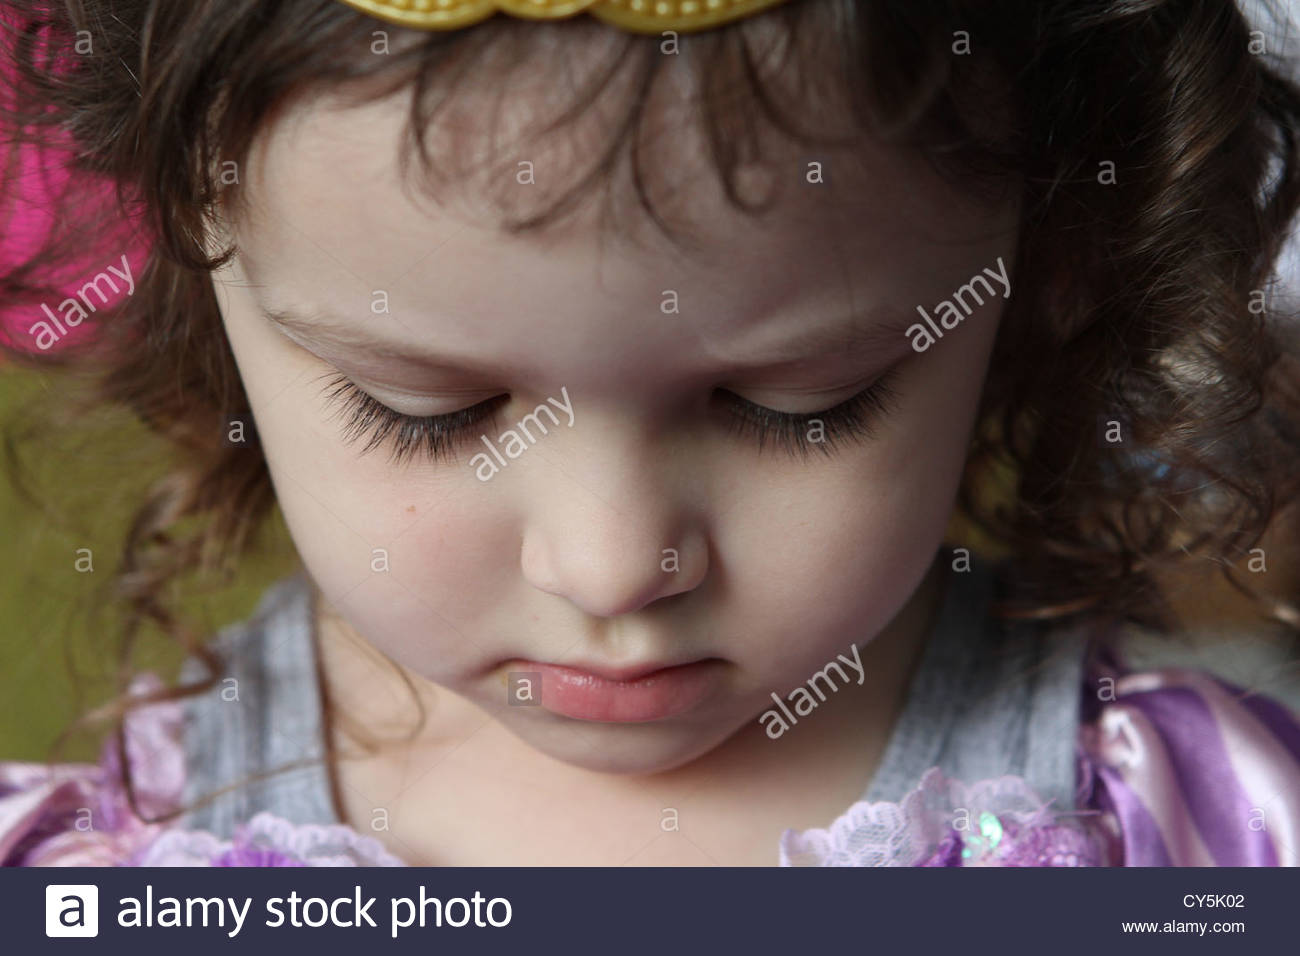 Un gros plan du visage d'une fillette de 4 ans avec les yeux baissés. Photo Stock